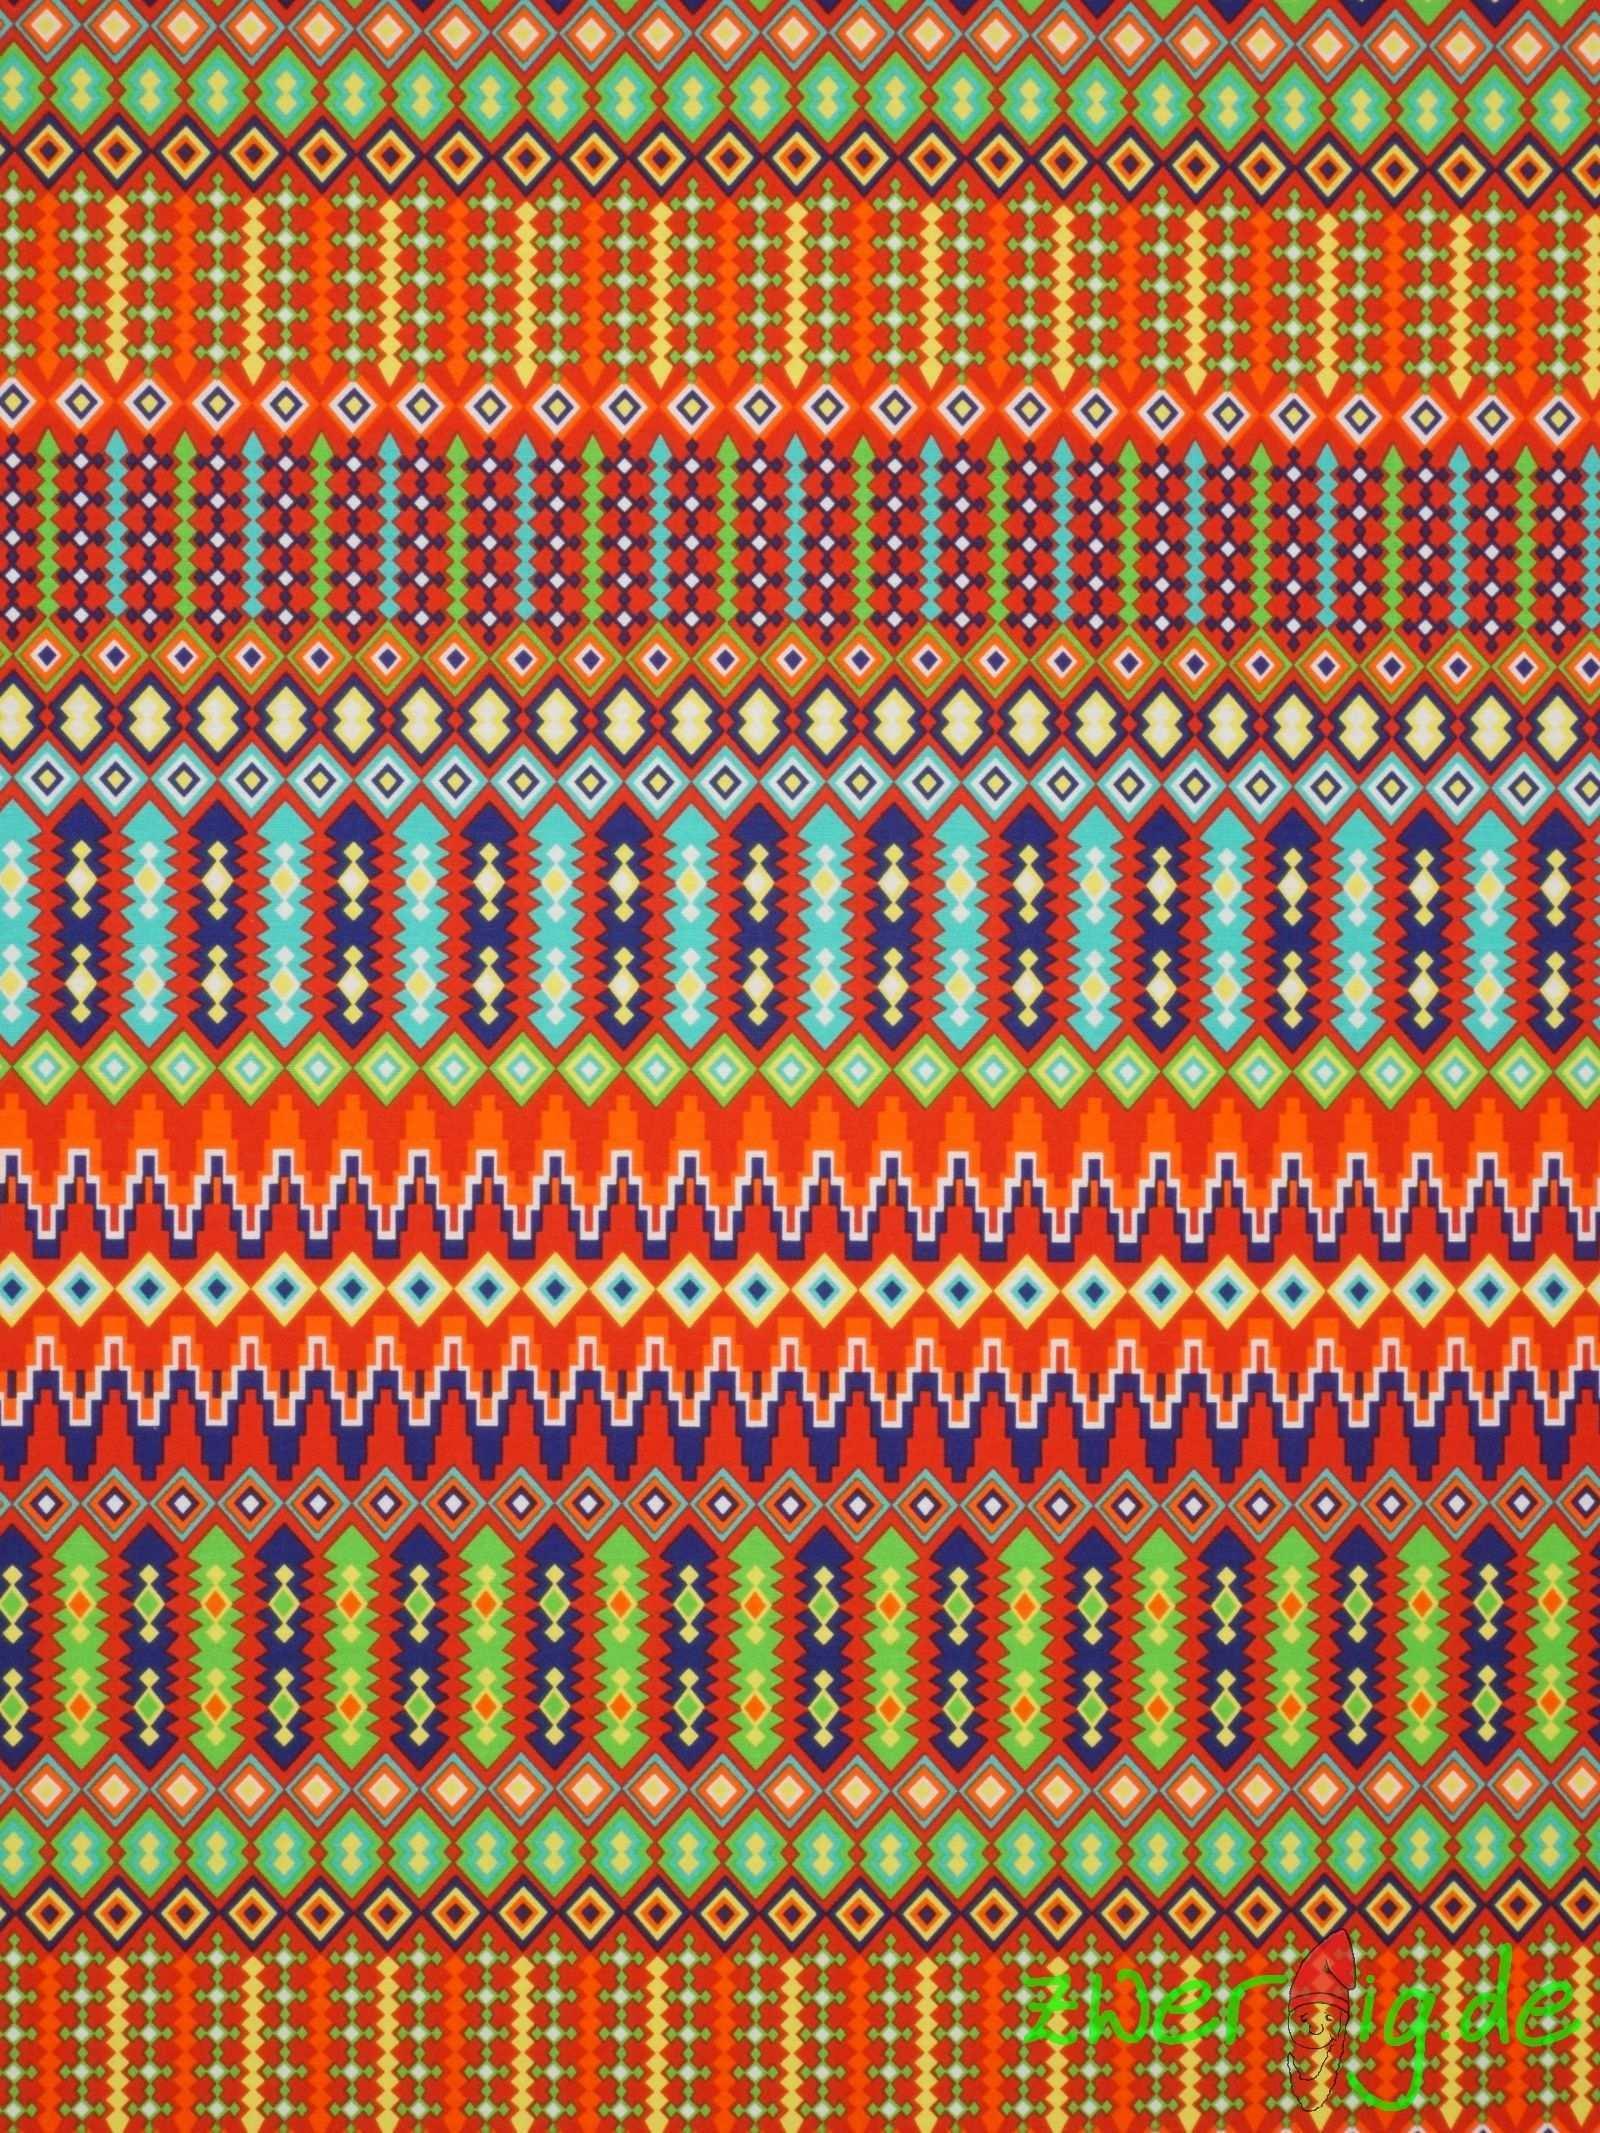 Baumwolle Mix Stoff Ethno Mexican Mexikanisch Bunter Digitaldruck Dekostoff Mexican Jewelry